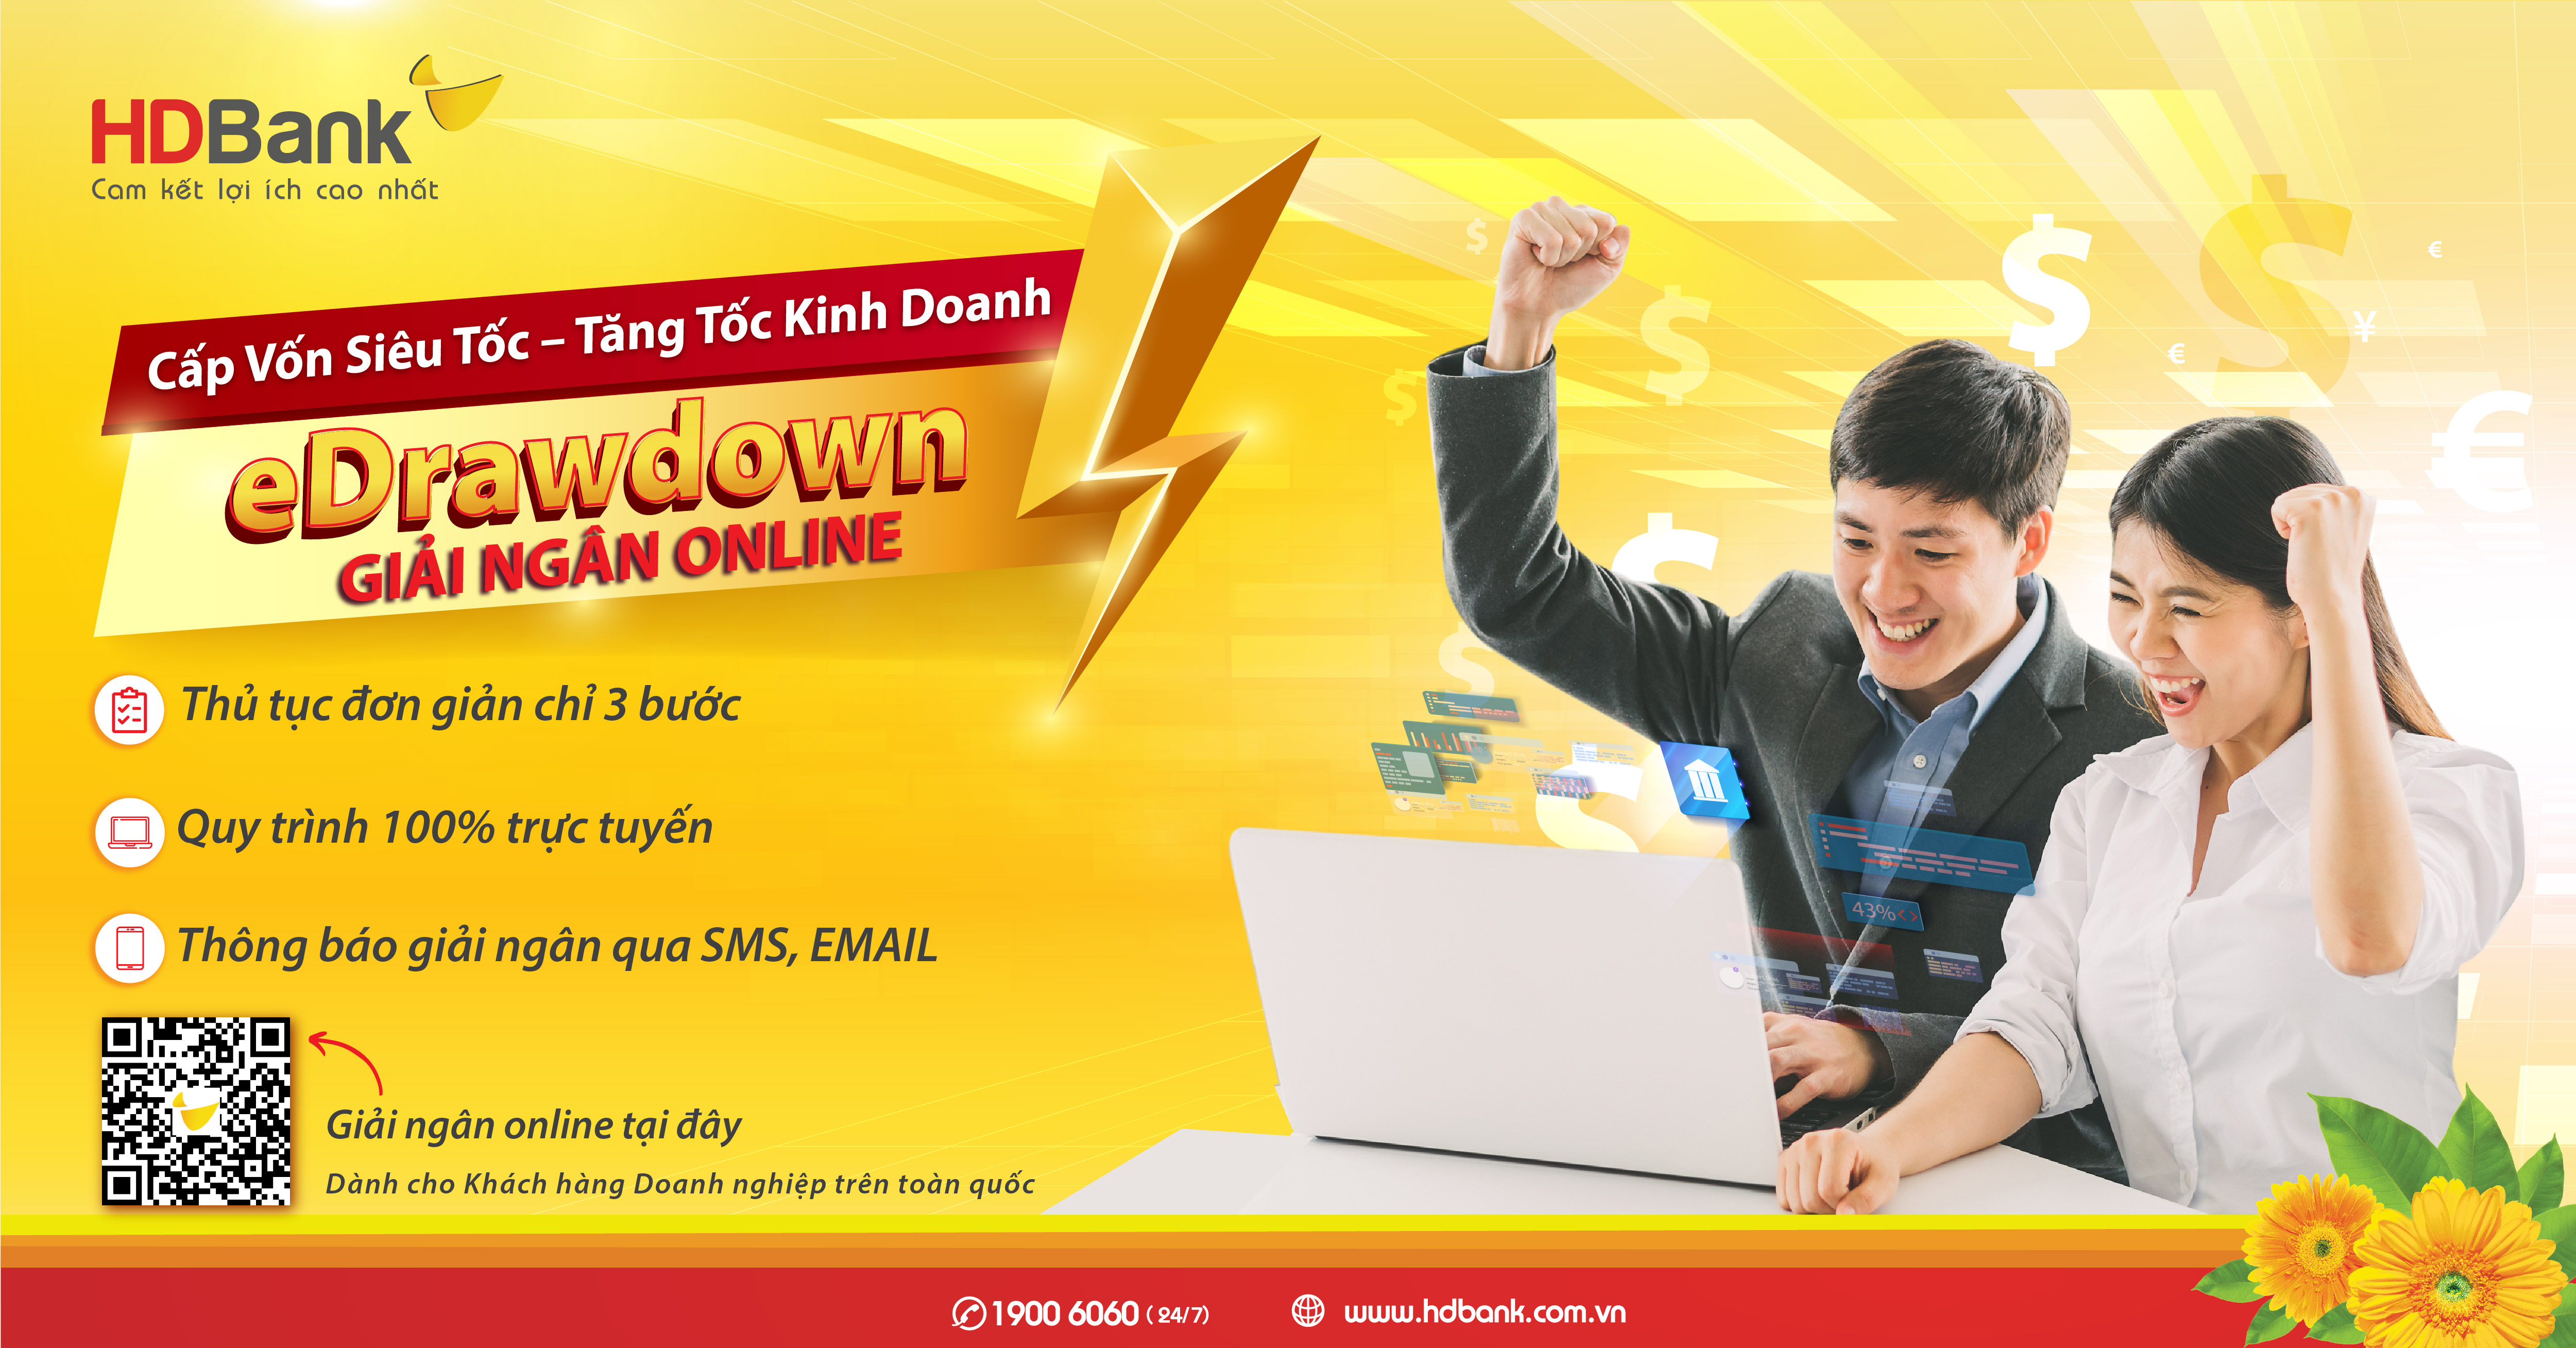 """HDBank triển khai ứng dụng """"eDrawdown giải ngân online, tiền về ngay tài khoản"""""""